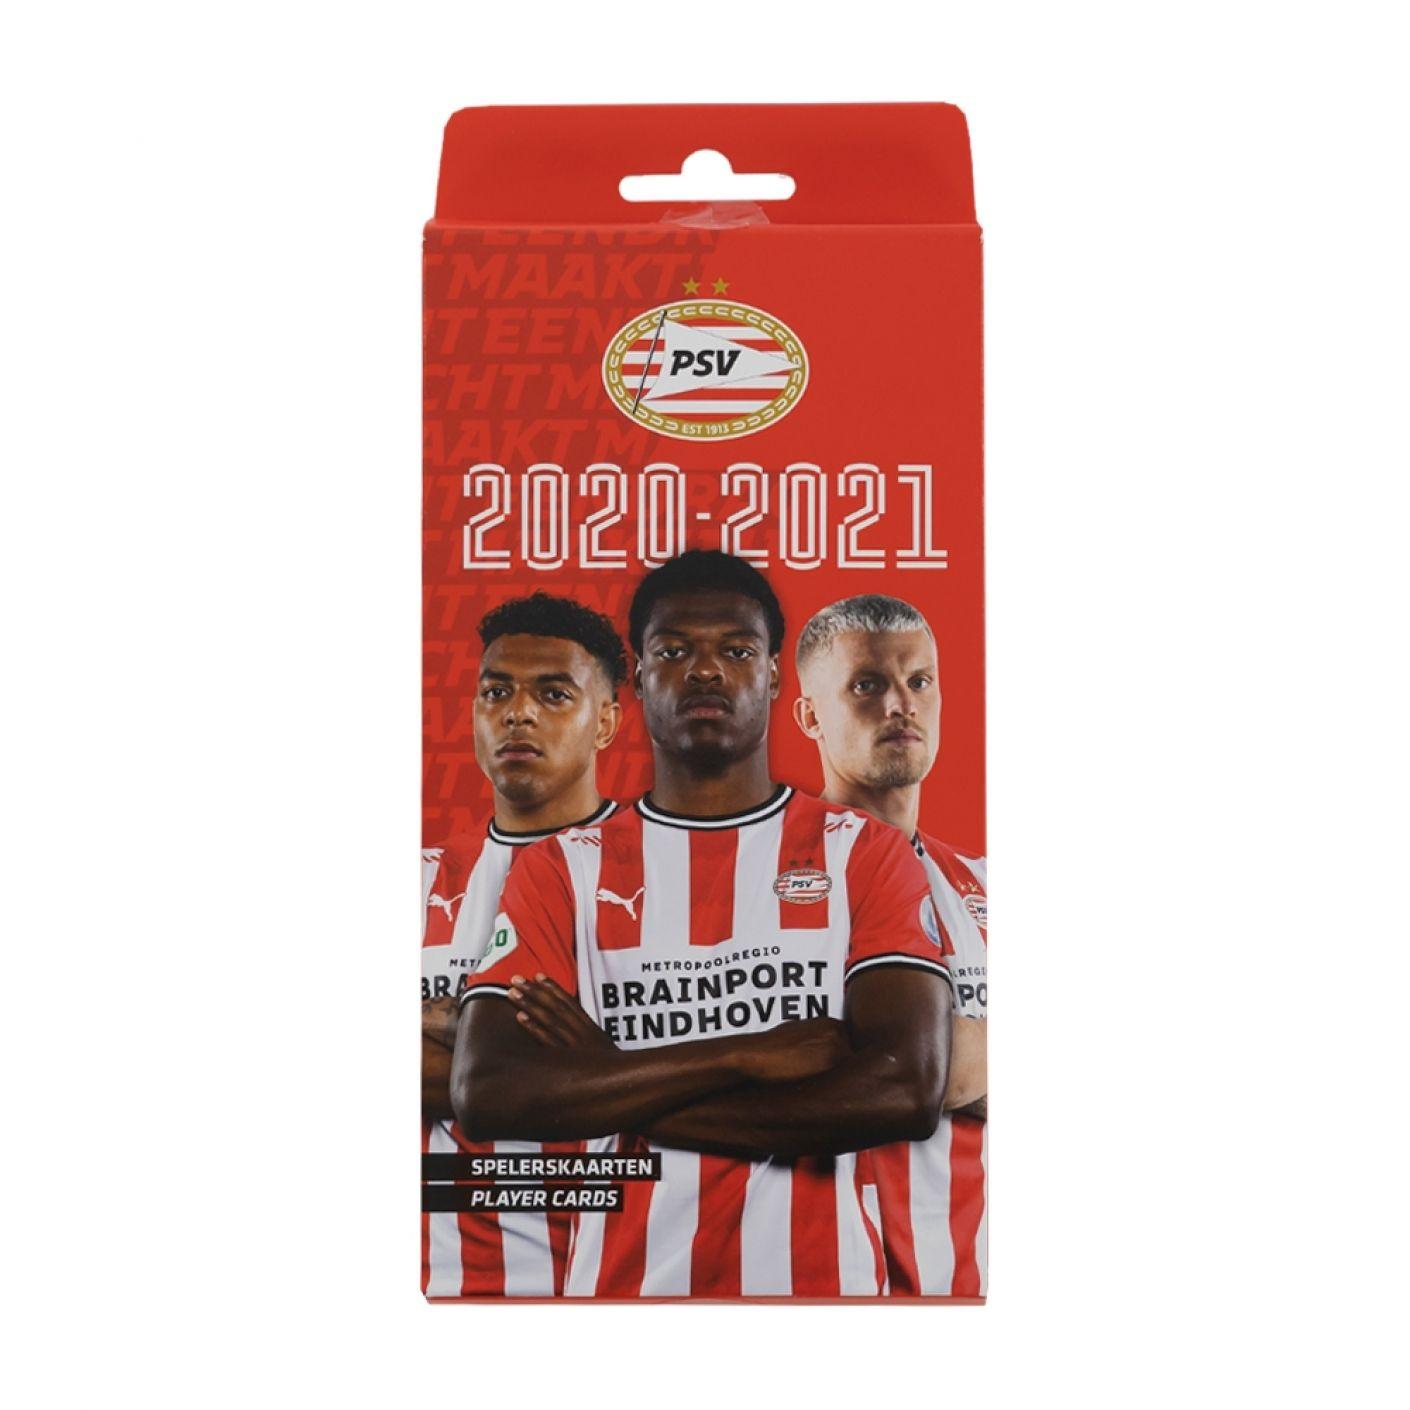 PSV Spelerskaartenset 20-21